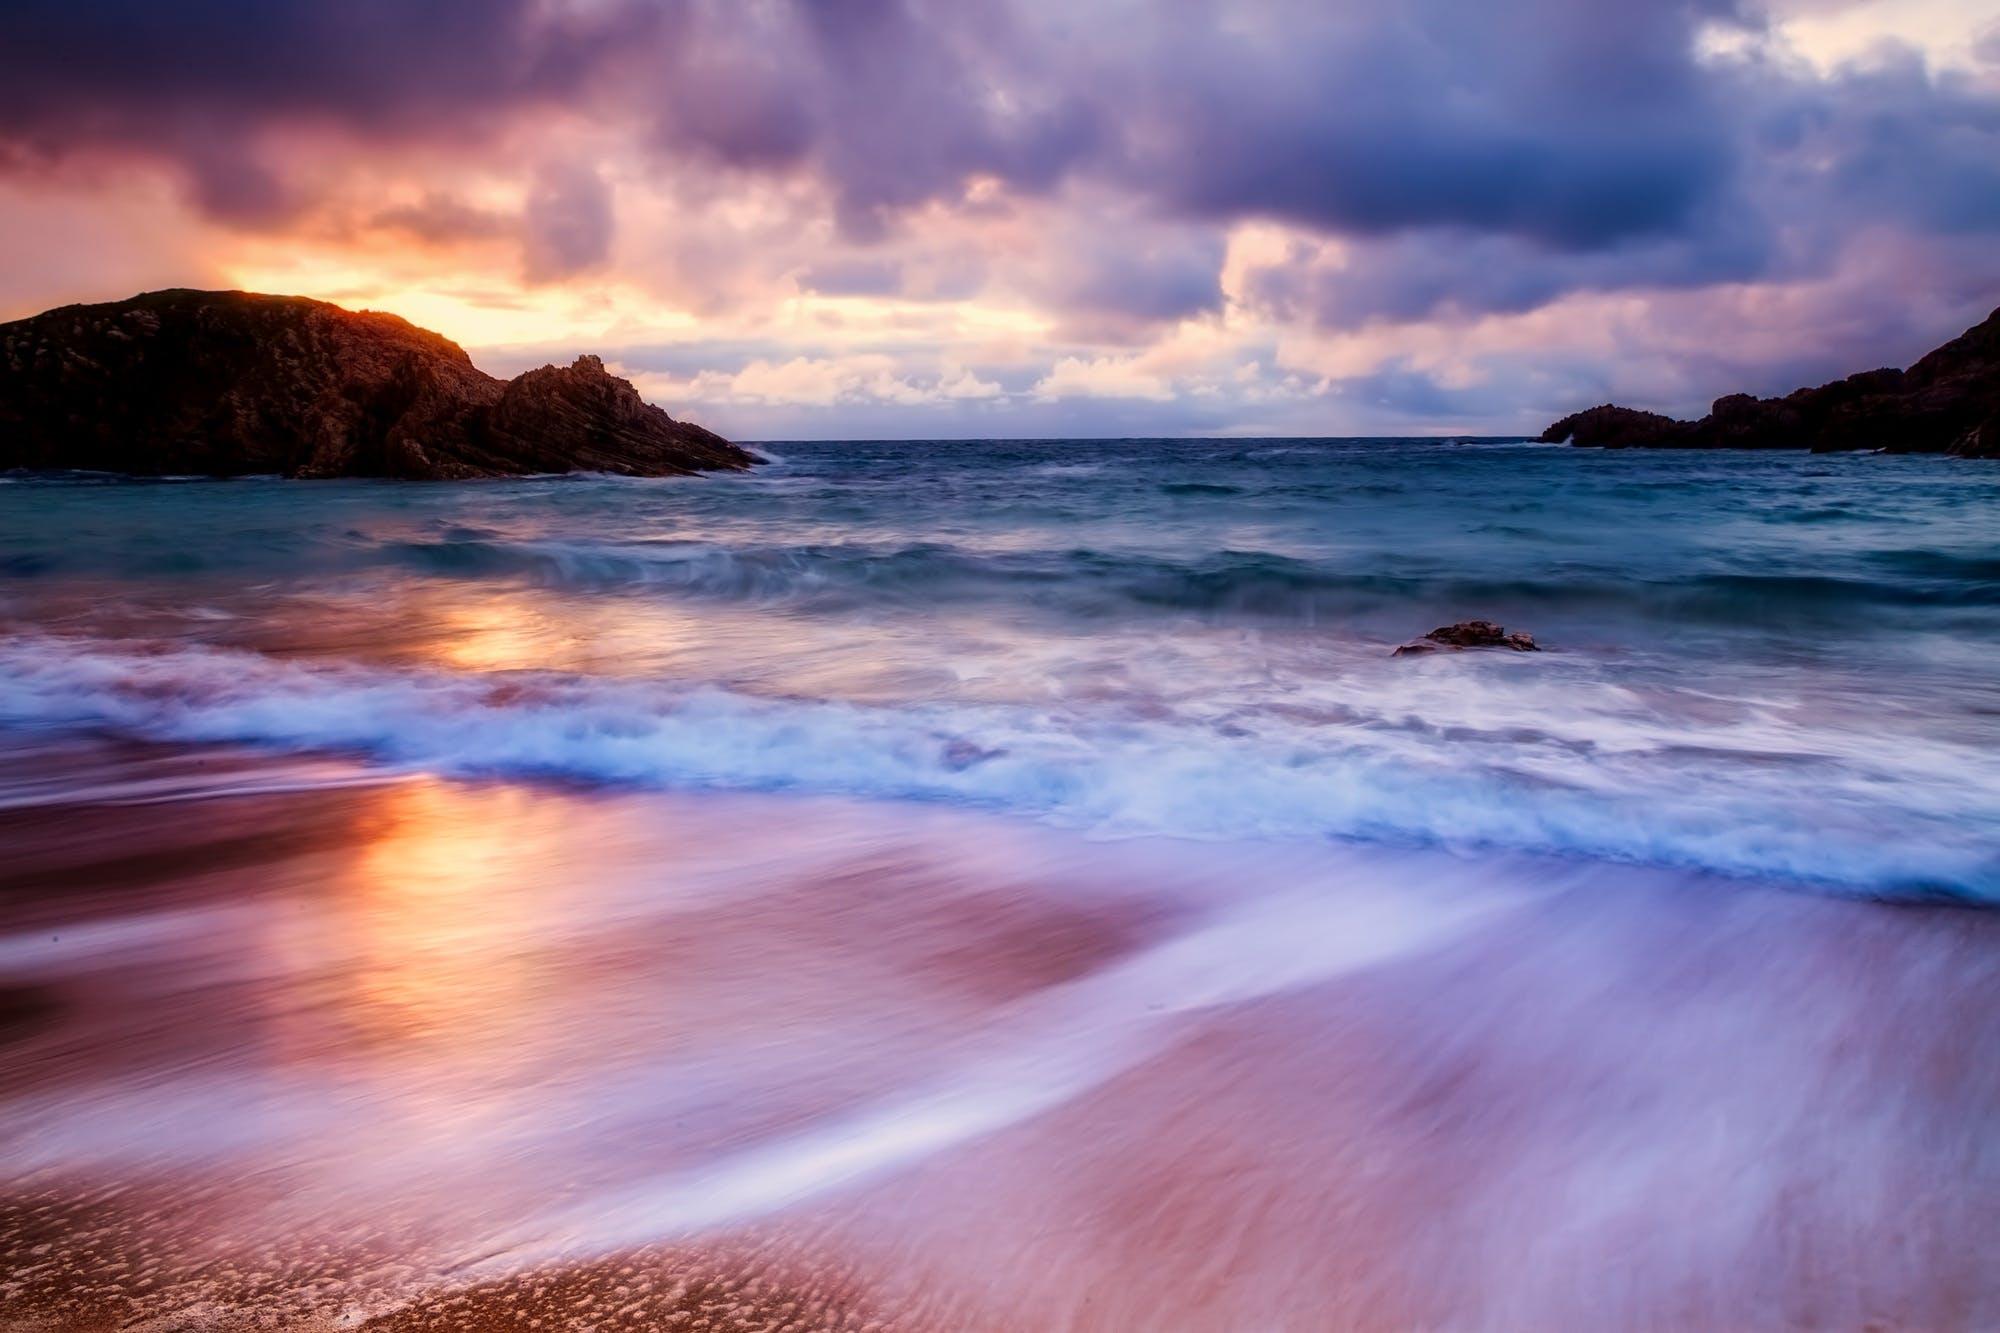 Δωρεάν στοκ φωτογραφιών με άμμος, Ανατολή ηλίου, αυγή, γνέφω